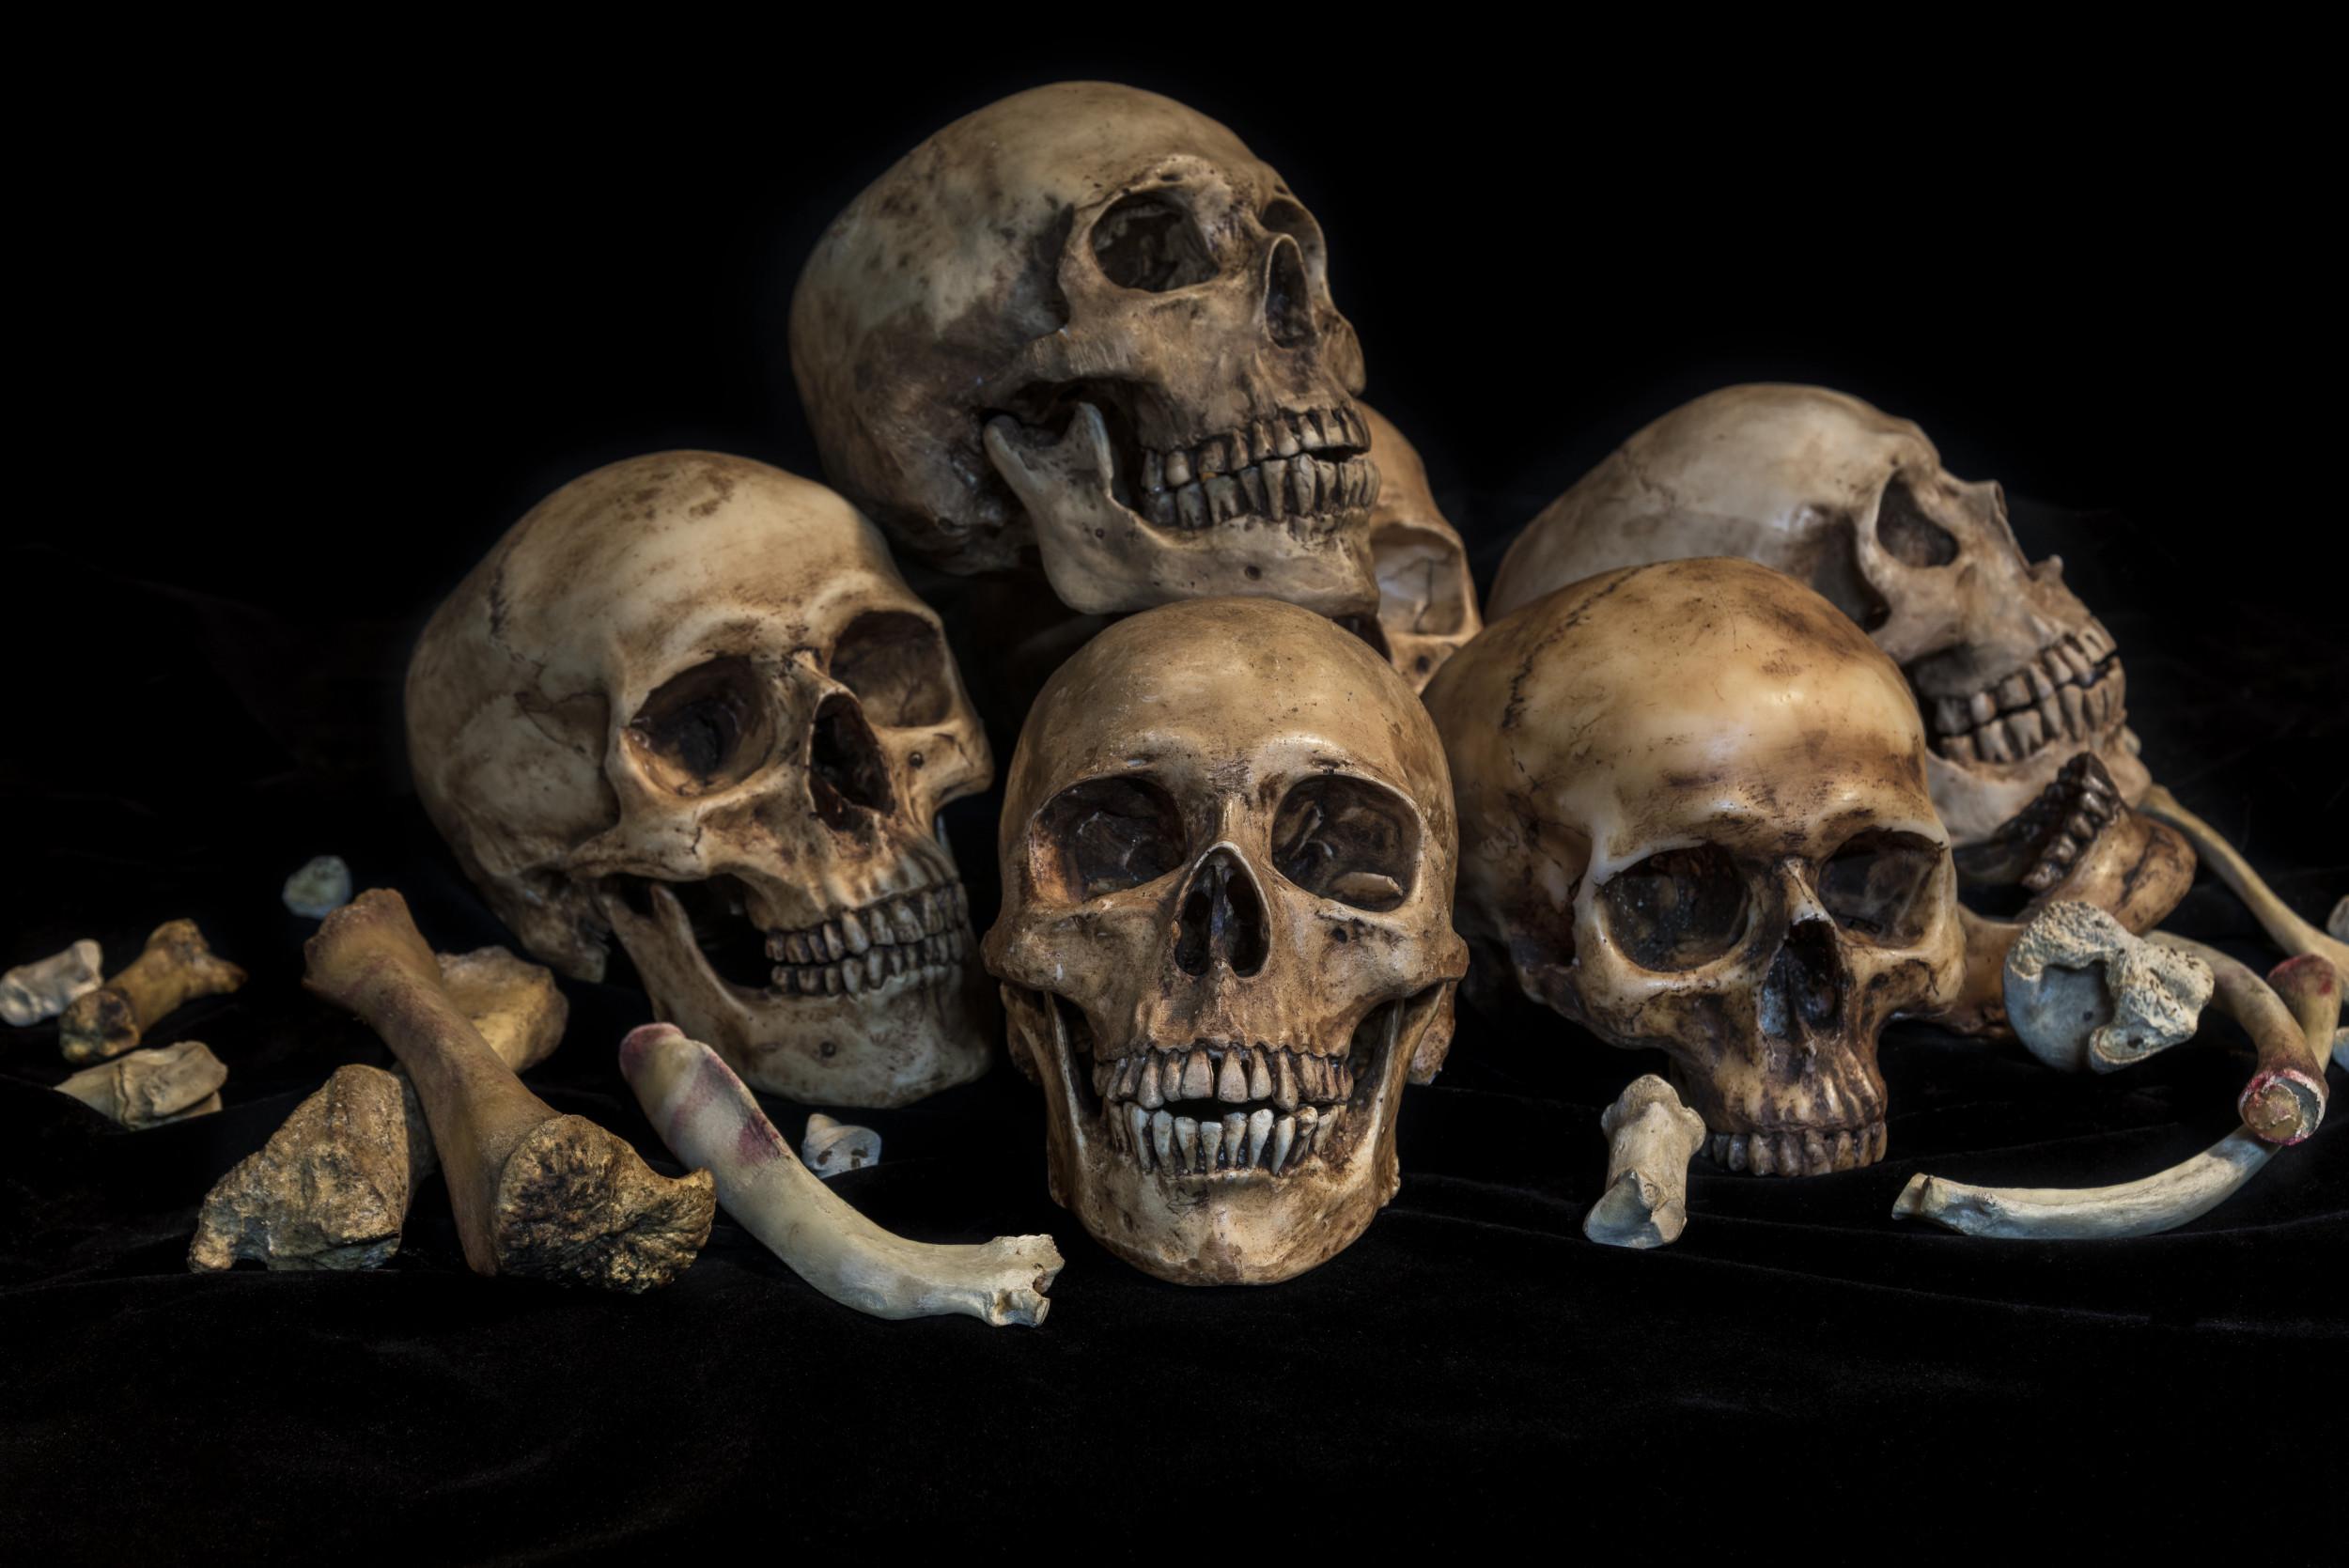 Florida Men Arrested for Stealing Veteran's Skulls from Graves for Religious Shrine thumbnail